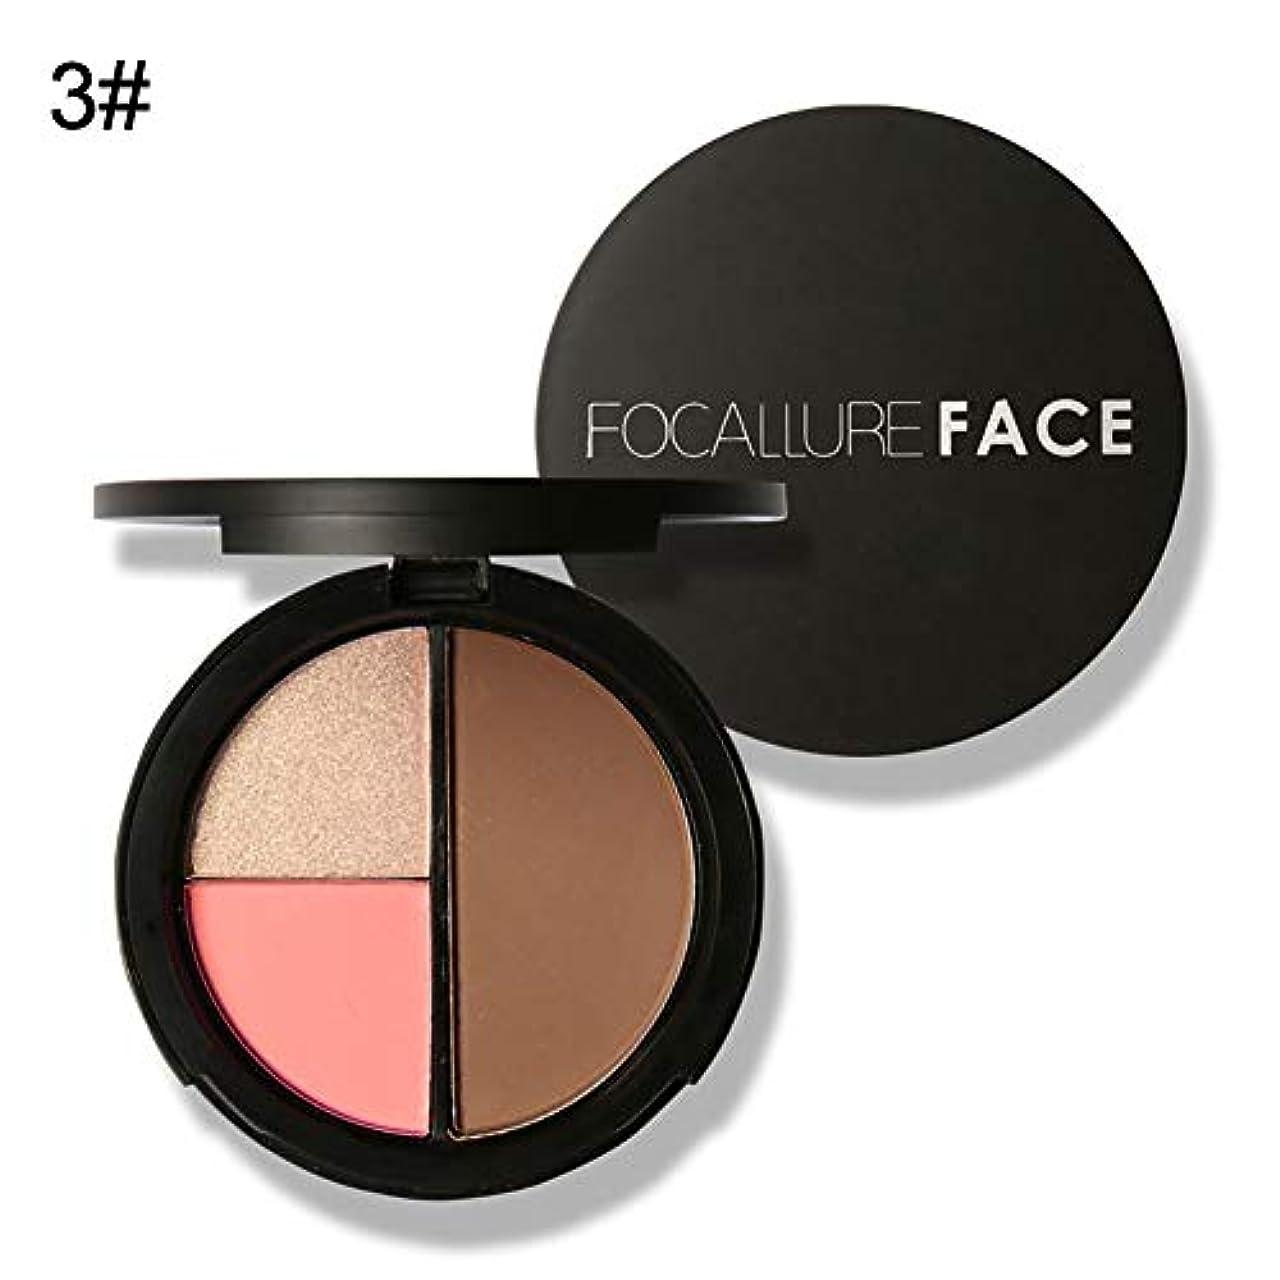 リクルートウィンク提出するFocallure 3色プロフェッショナルブロンザーシマーフェイスコンターブラッシャーメイク - 3#